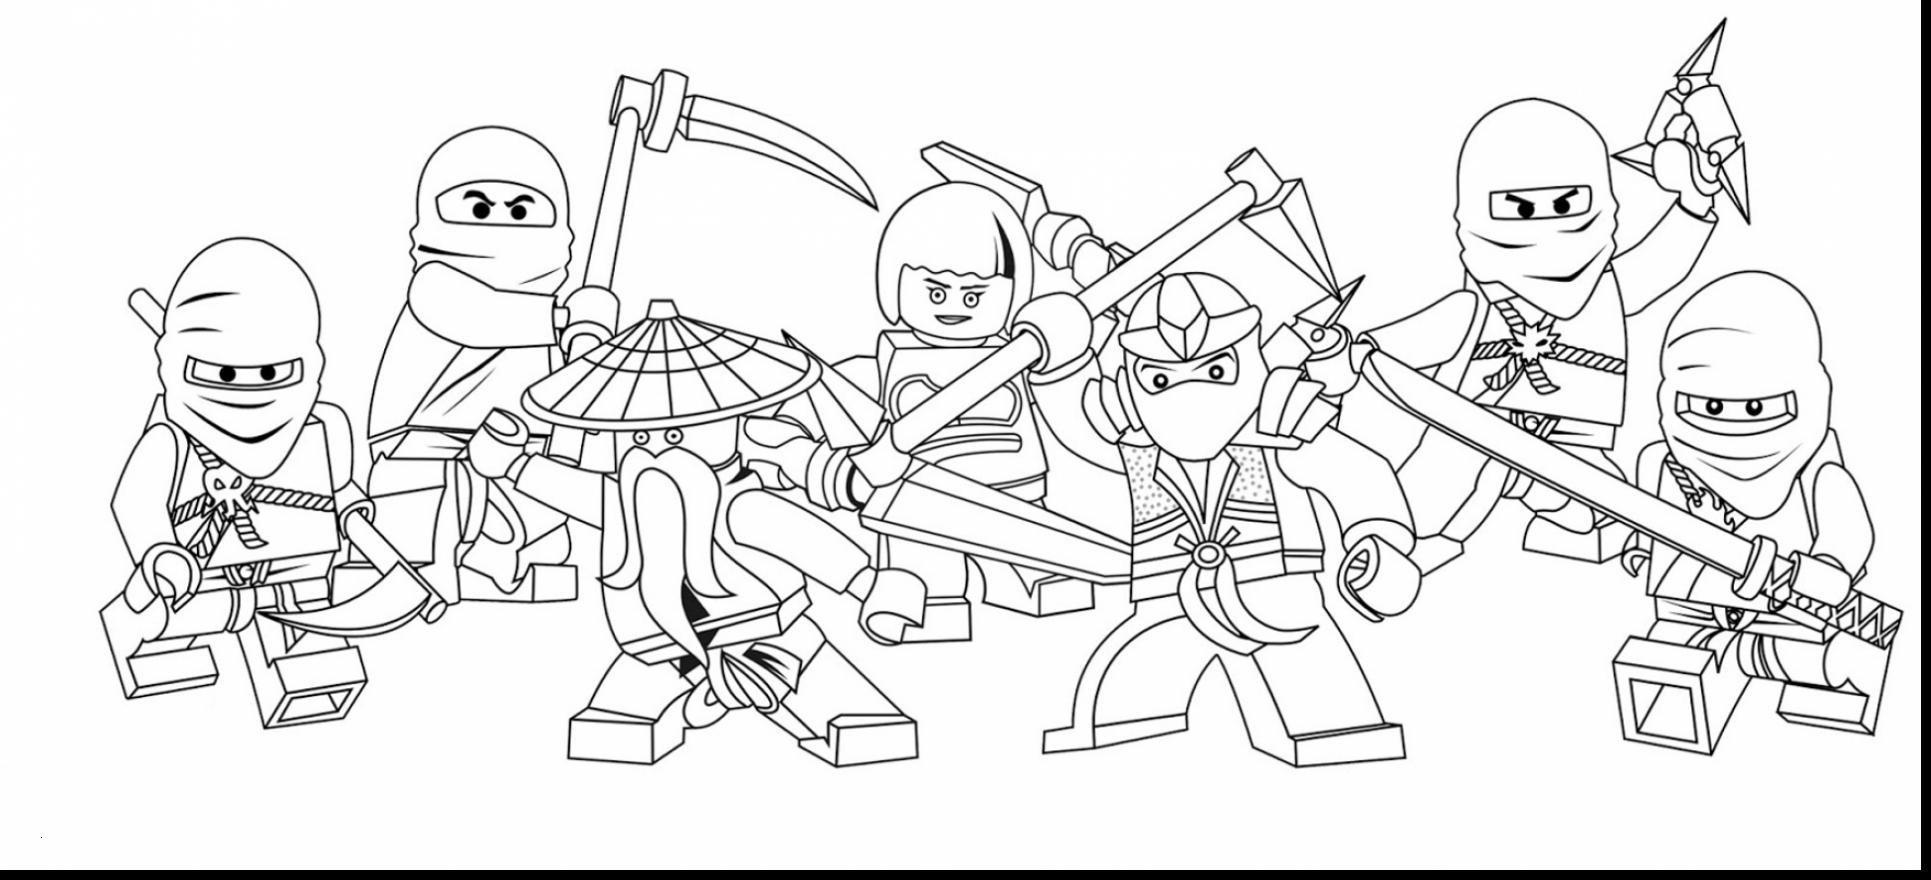 Ninjago Zane Ausmalbilder Das Beste Von Lego Ausmalbilder Ninjago Uploadertalk Schön Ninjago Ausmalbilder Stock